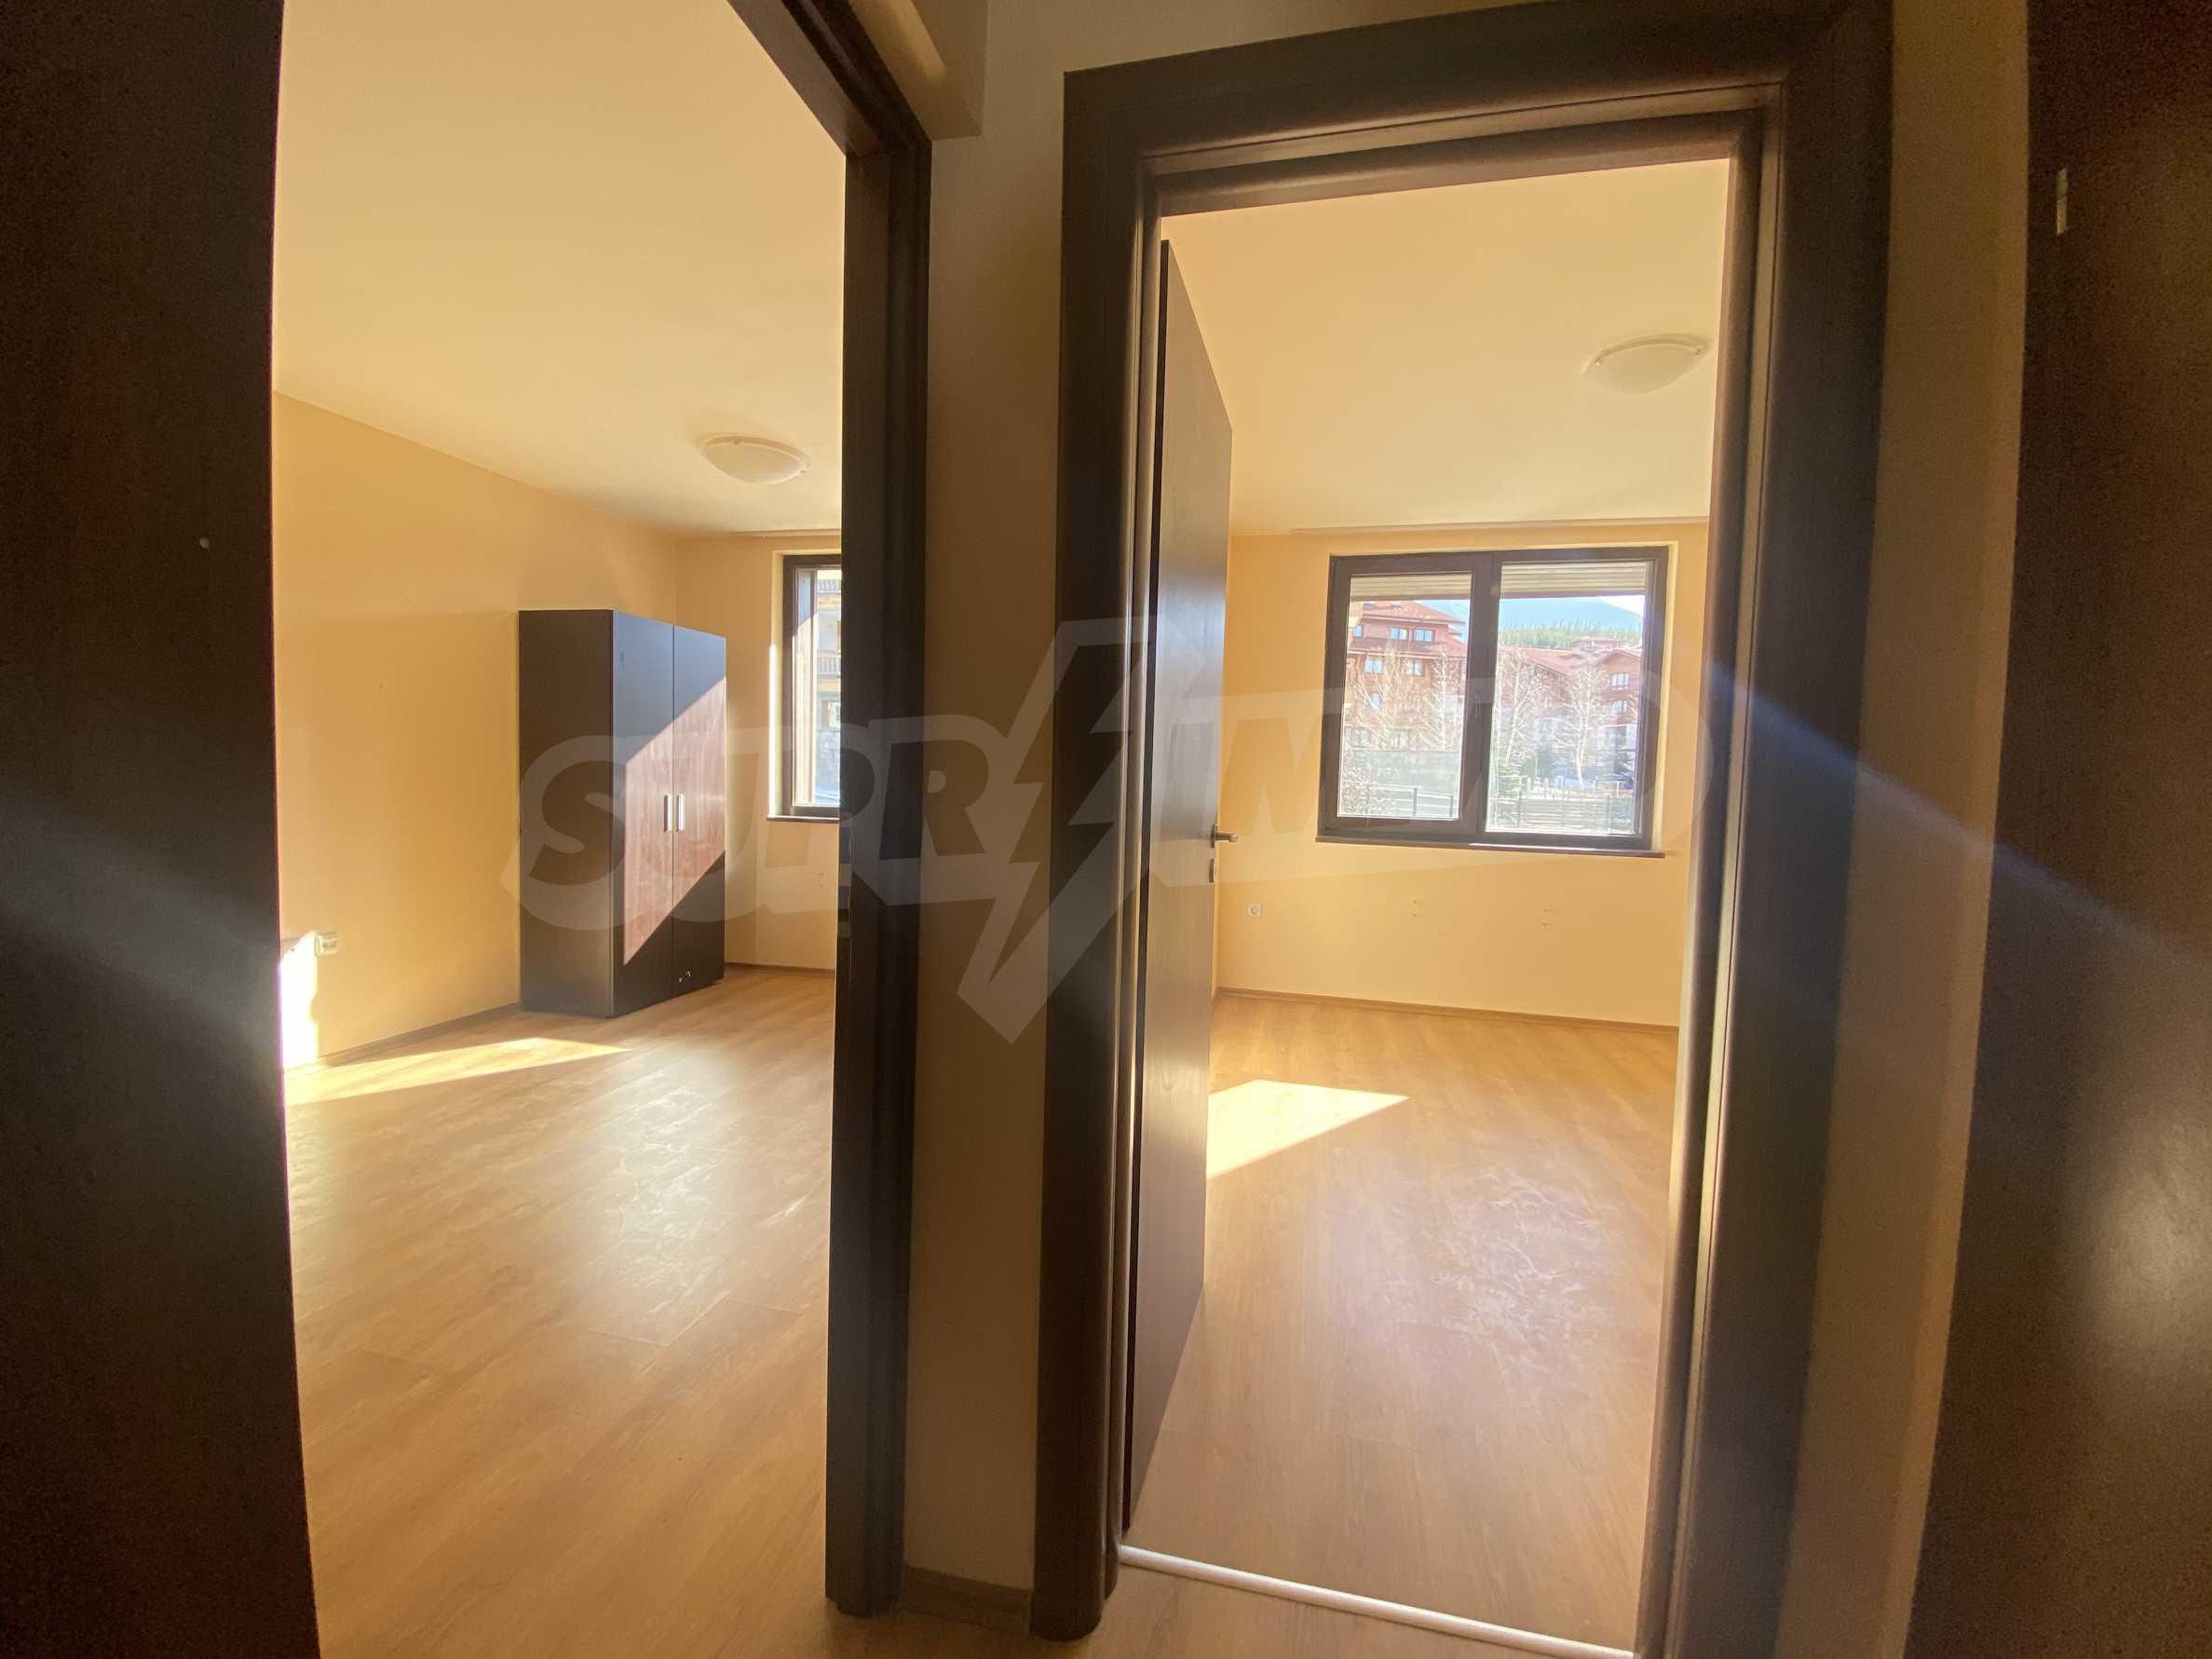 Необзаведен двустаен апартамент за продажба в СПА комплекс в Банско 4